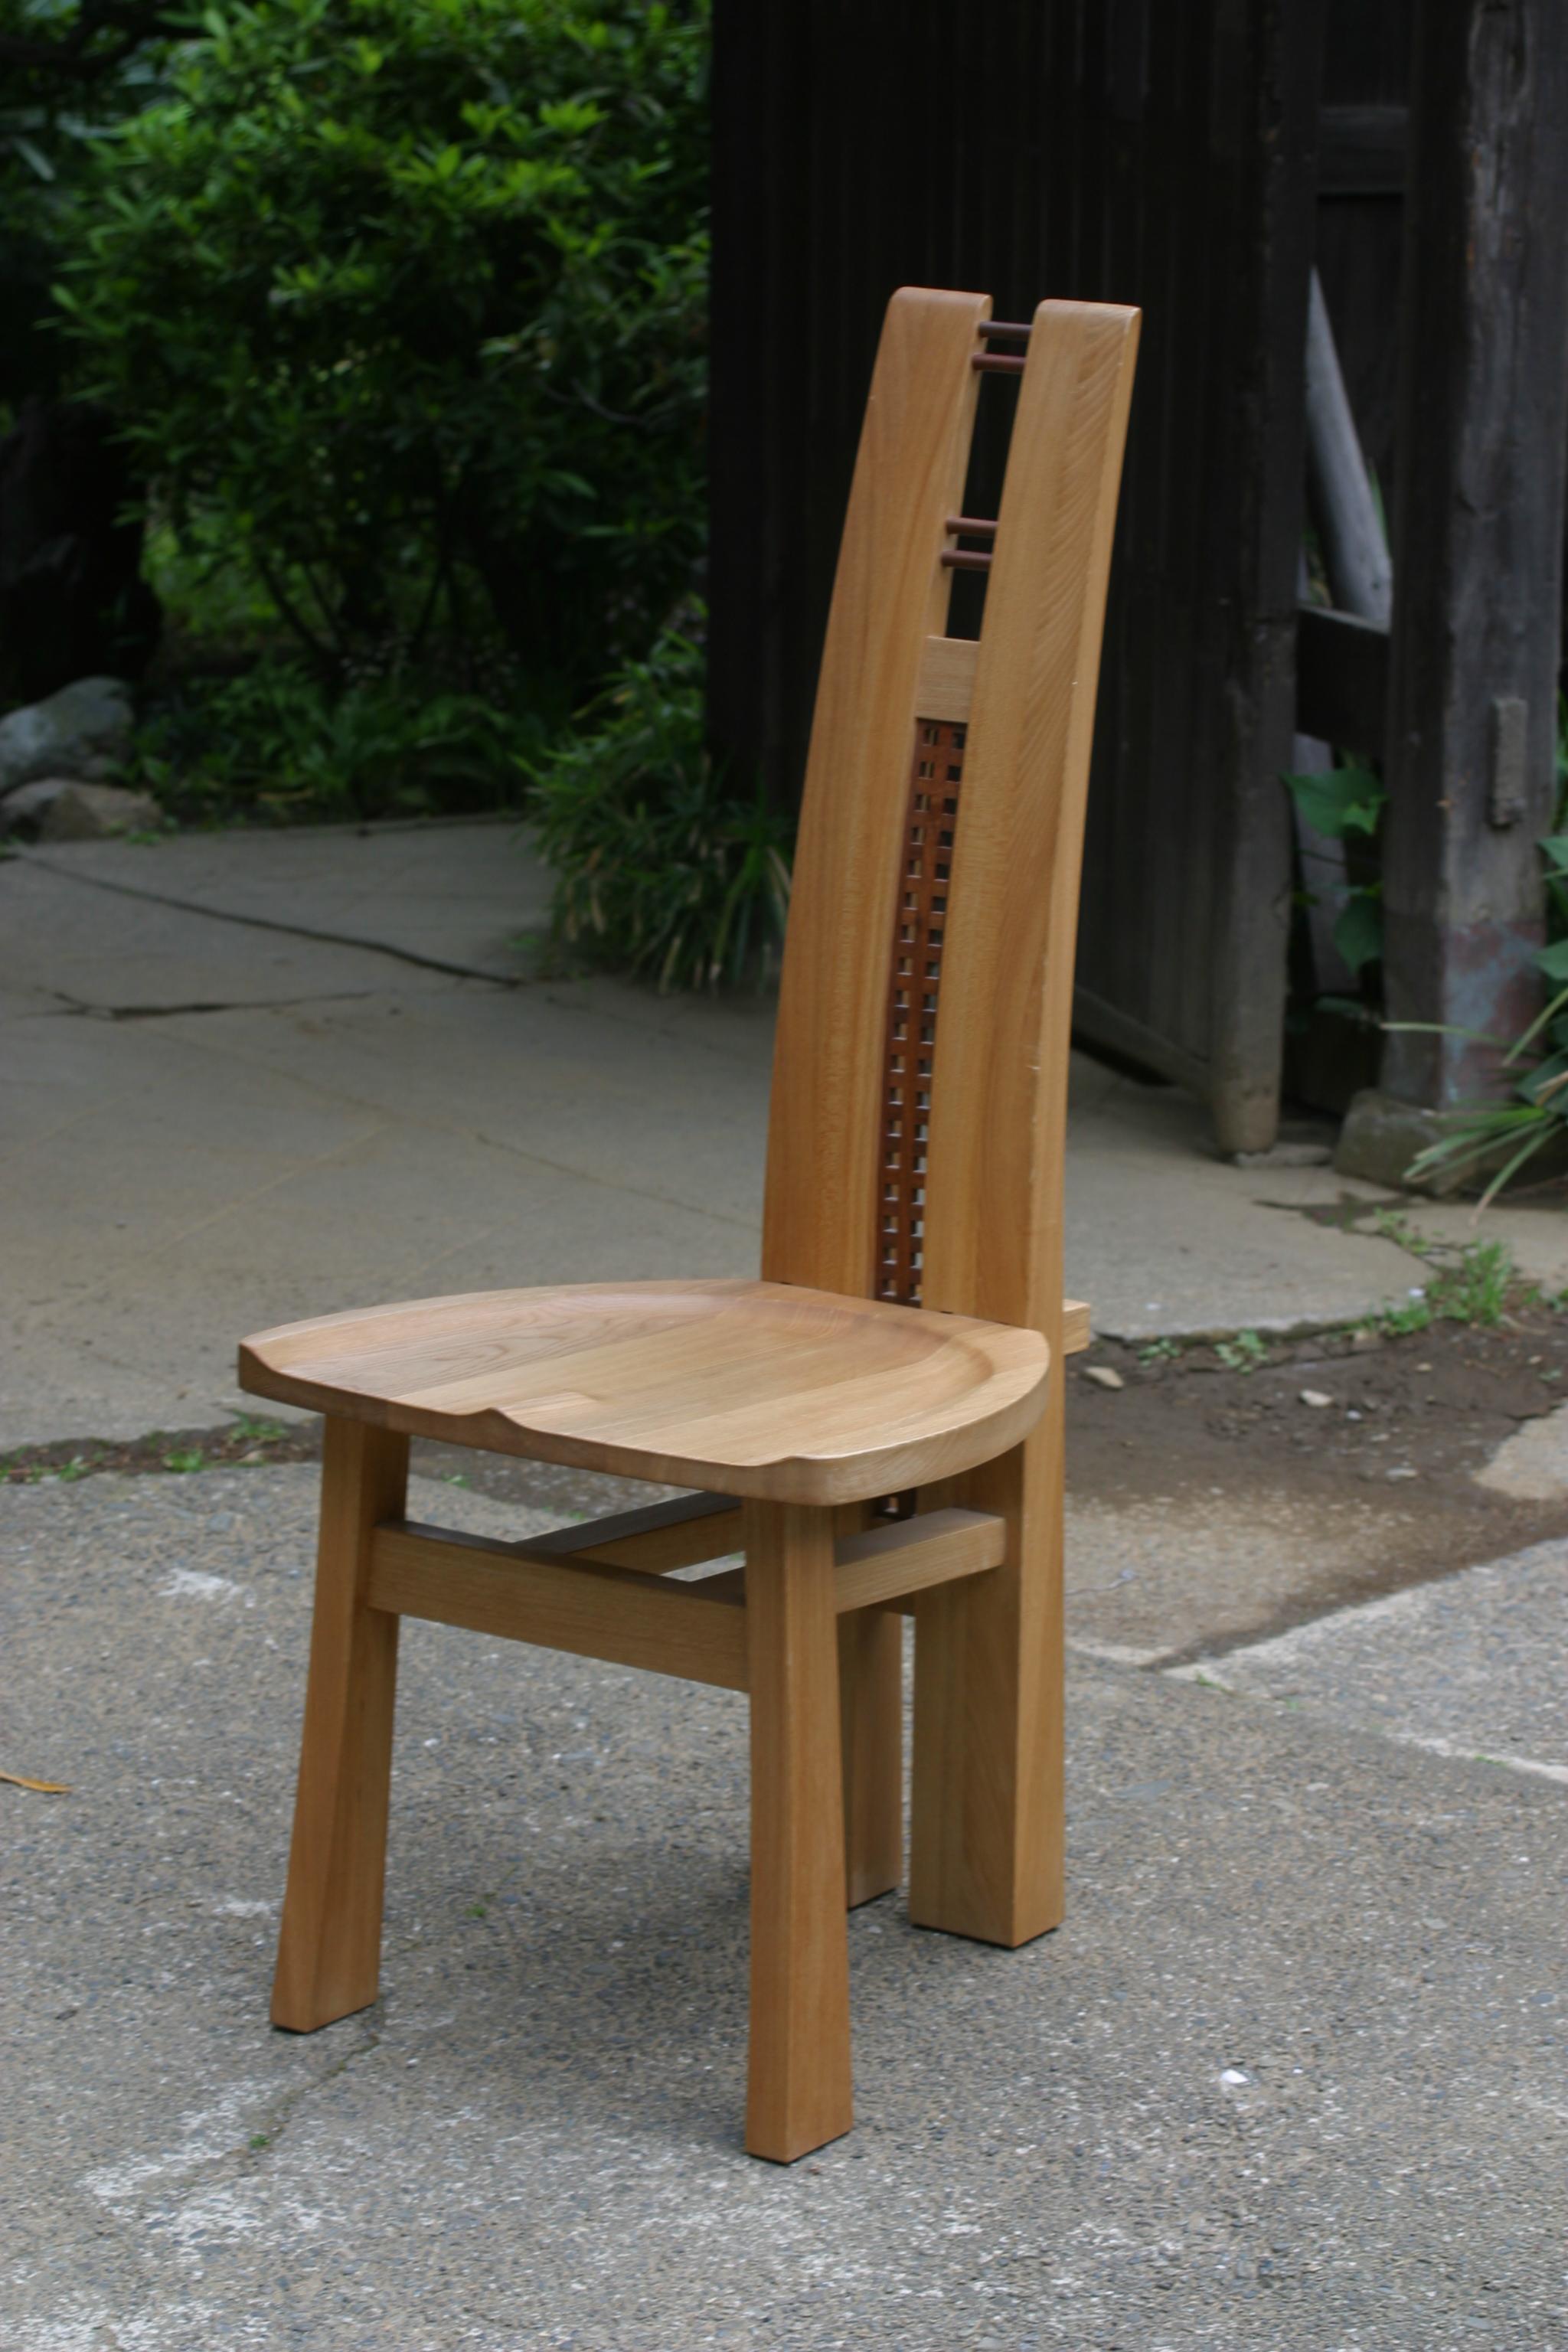 背もたれに意匠を凝らした椅子[2]